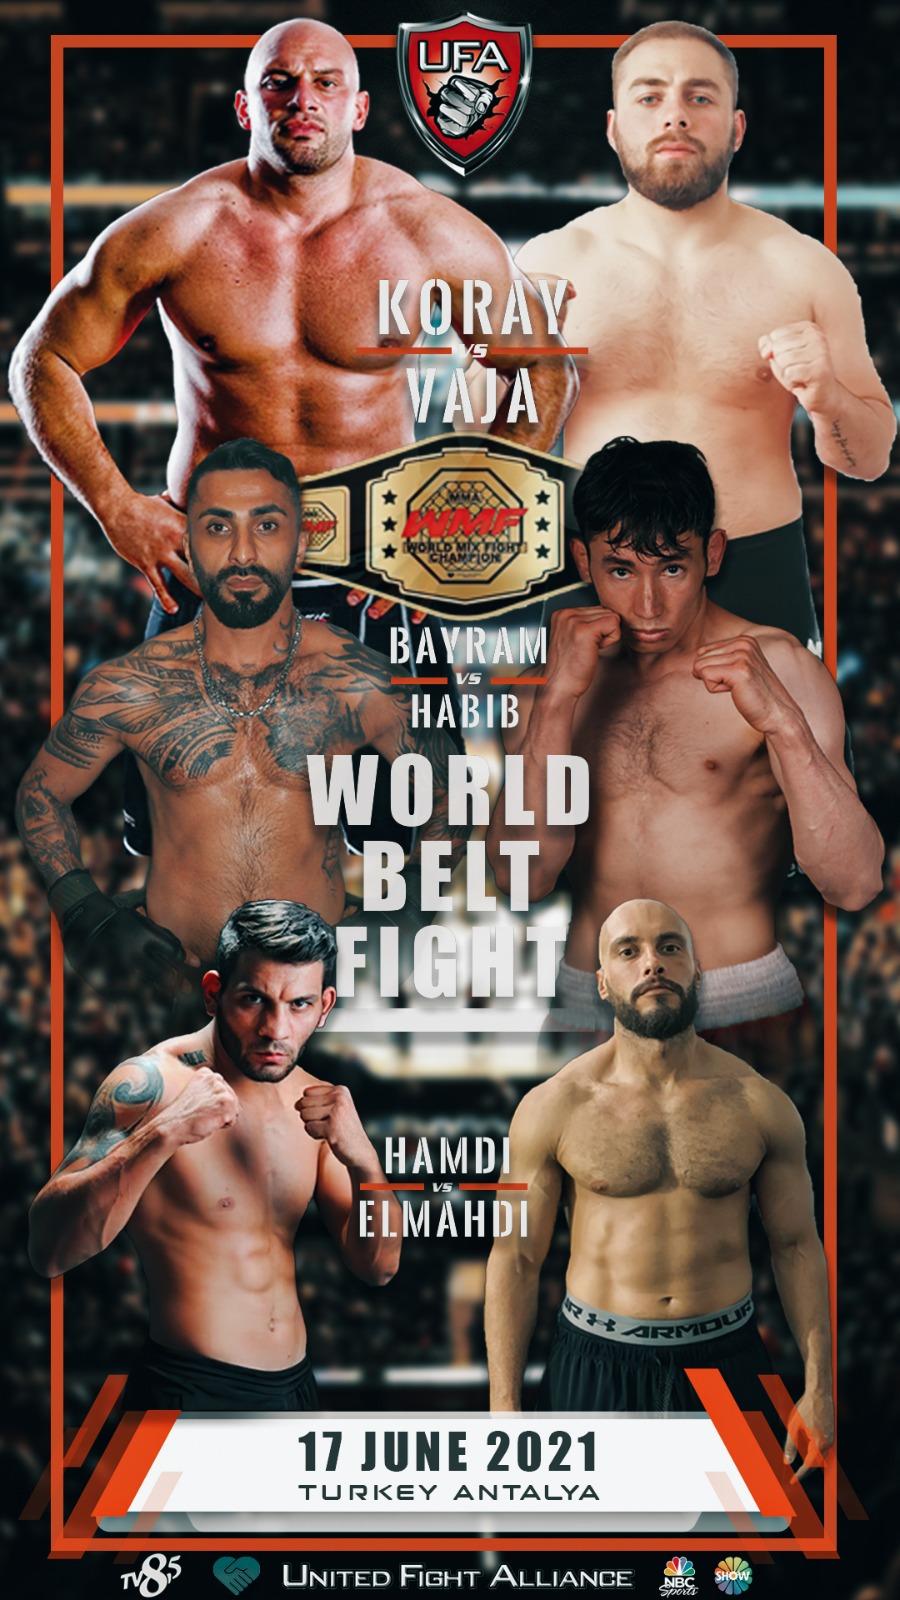 Dünyanın en büyük karma dövüş organizasyonu 17 Haziran'da Antalya'da başlayacak